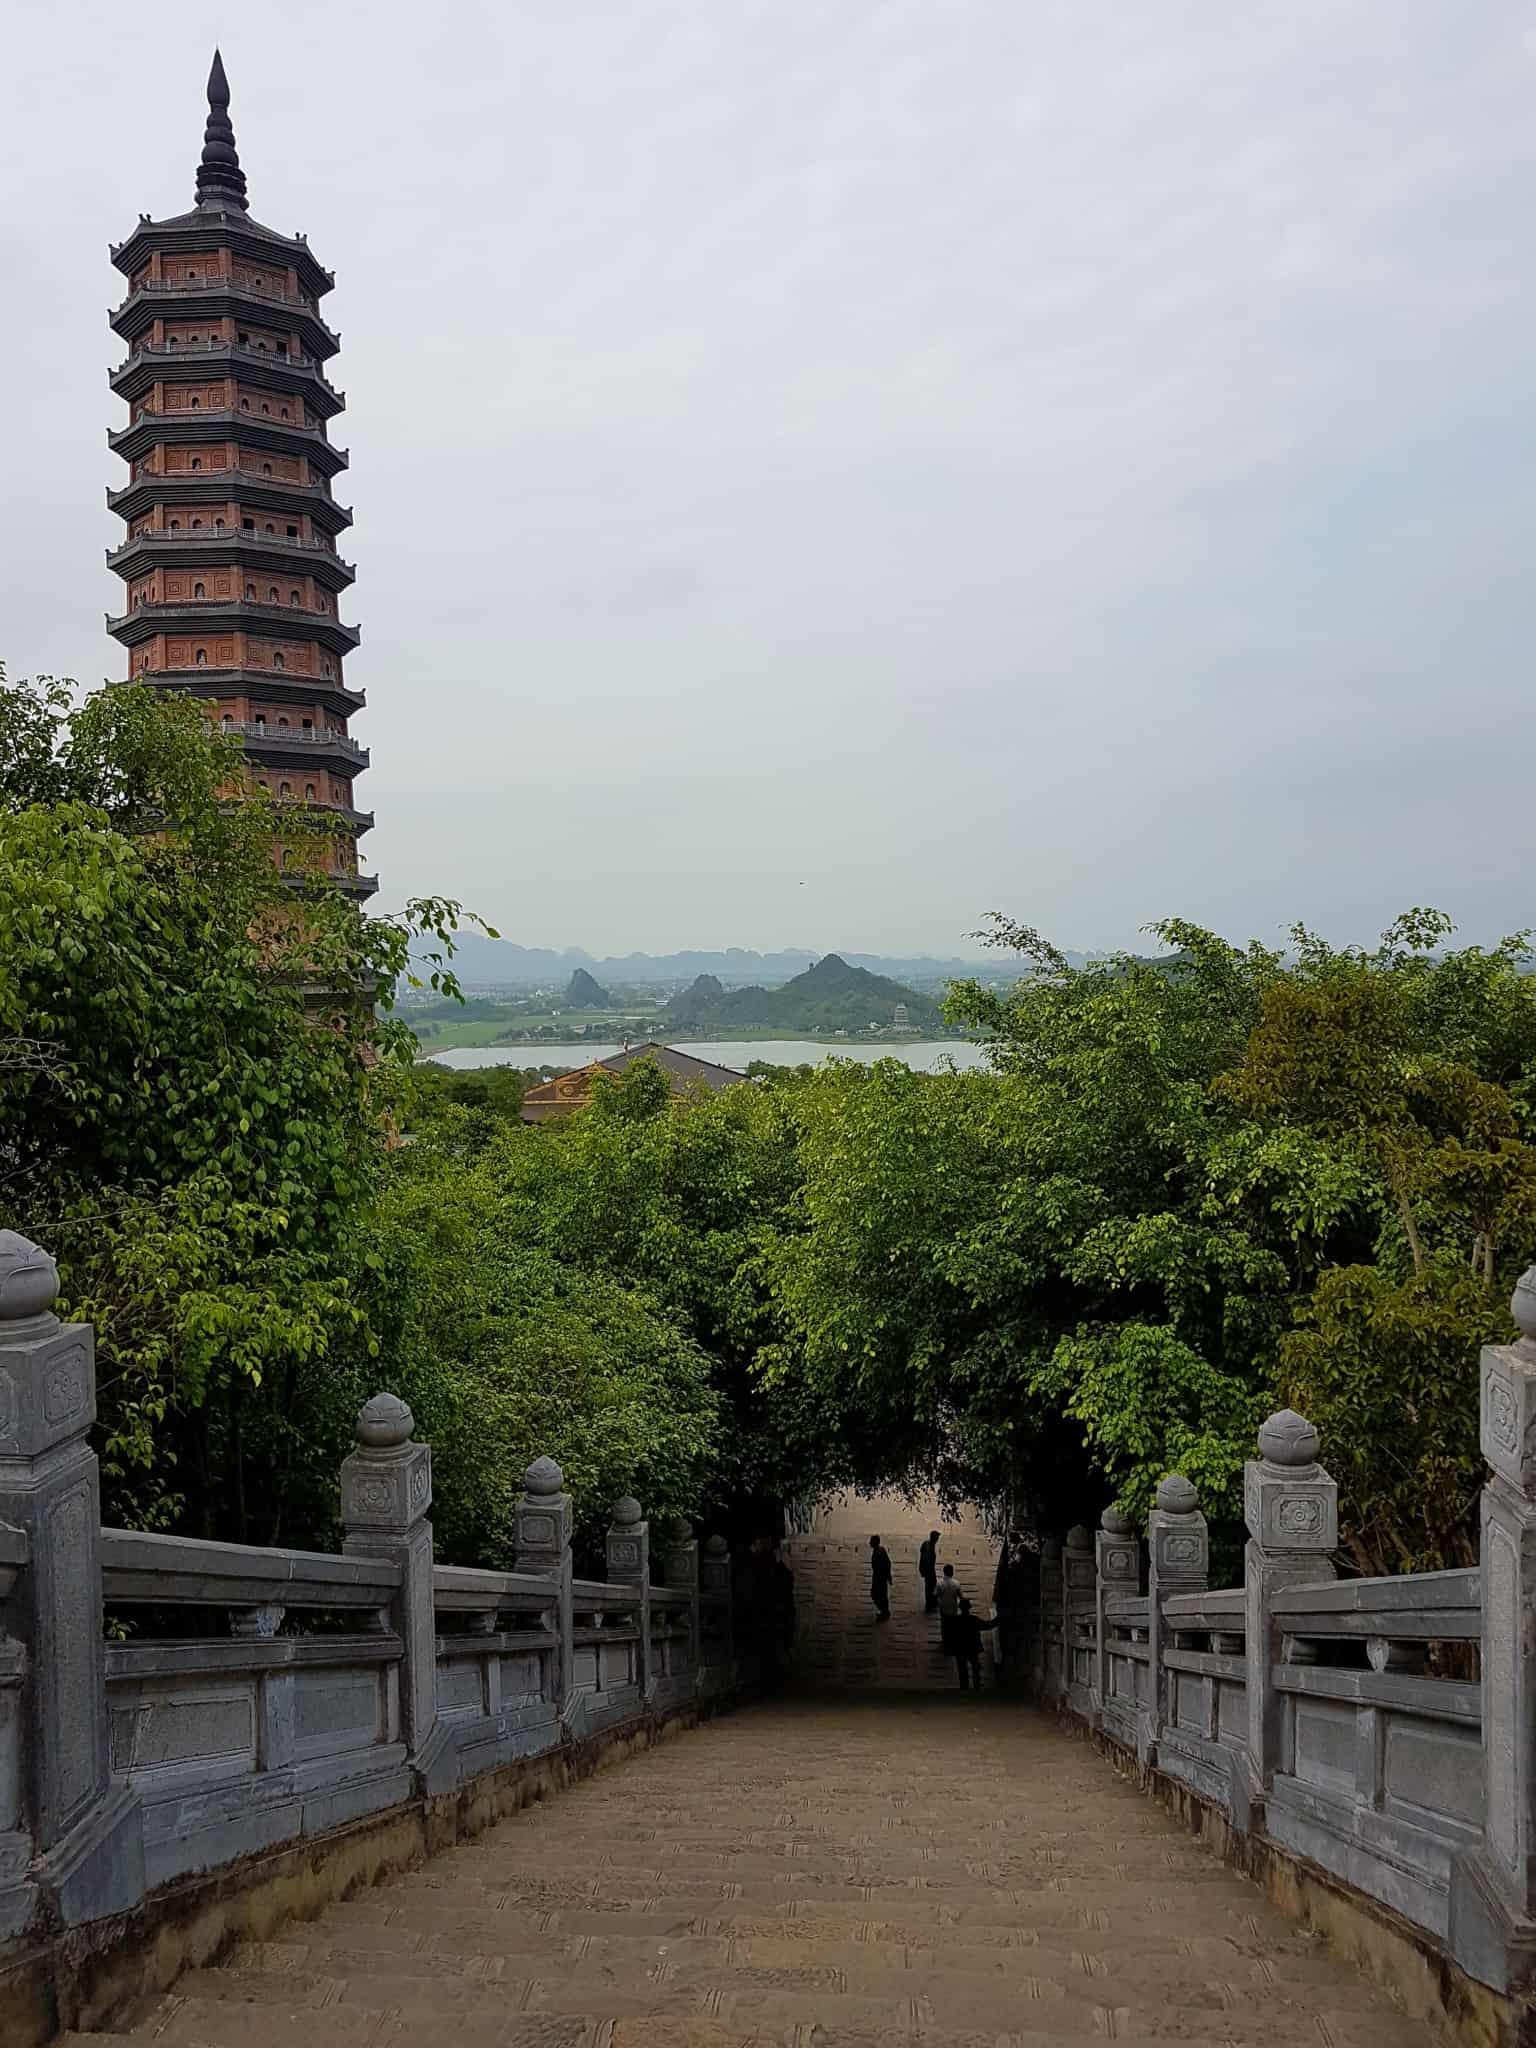 Vietnam, l'incontournable temple de Bai Dinh aux 500 statues 🛕 30